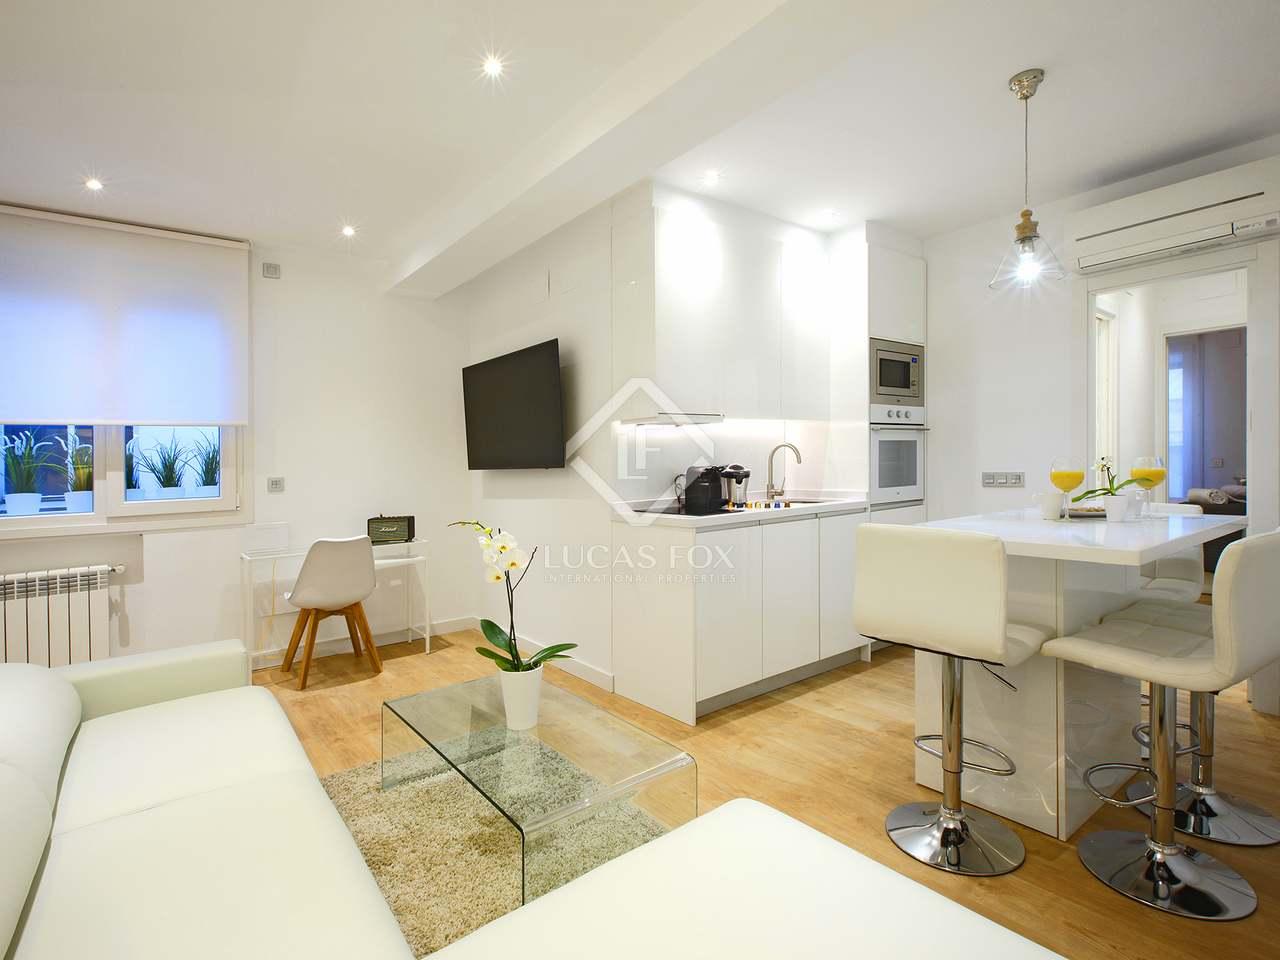 Piso de 1 dormitorio en alquiler en universidad madrid for Piso 1 dormitorio